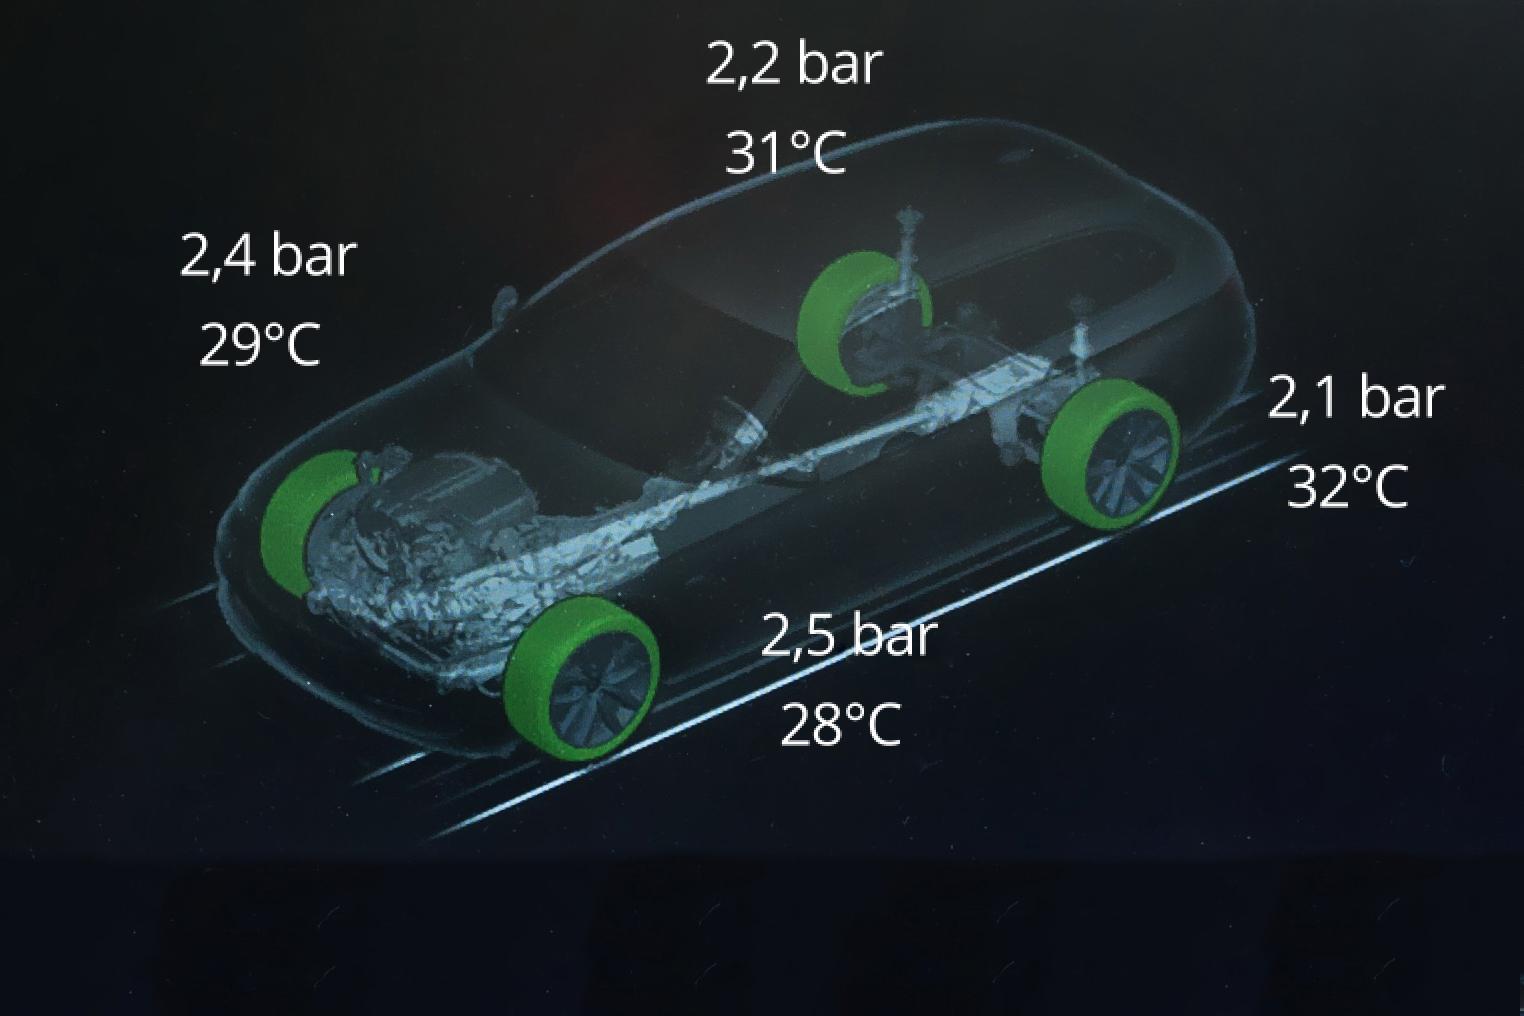 Direktes RDKS alle Reifen Luftdruck und Temperatur Anzeige am Auto